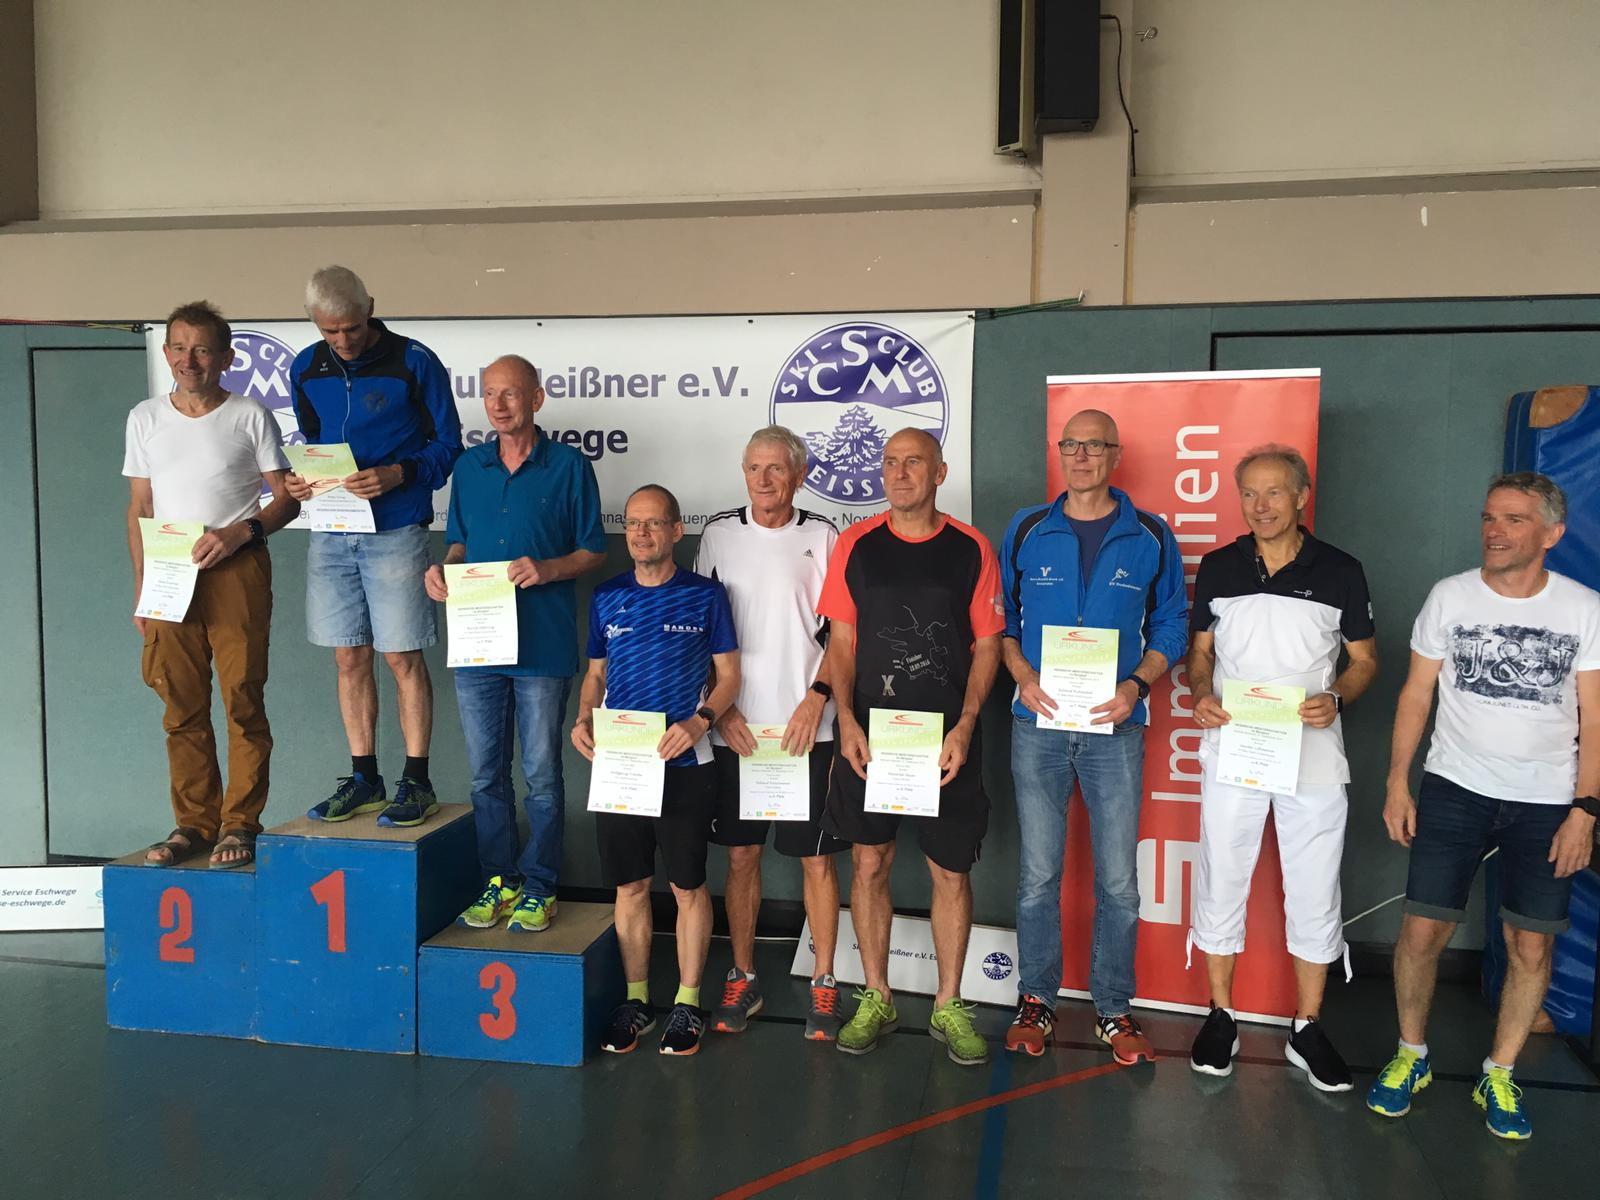 M60 Siegerehrung: Klaus Kirschner, Bernd Mehring, Helmut Ruhwedel und Günther Lehmann